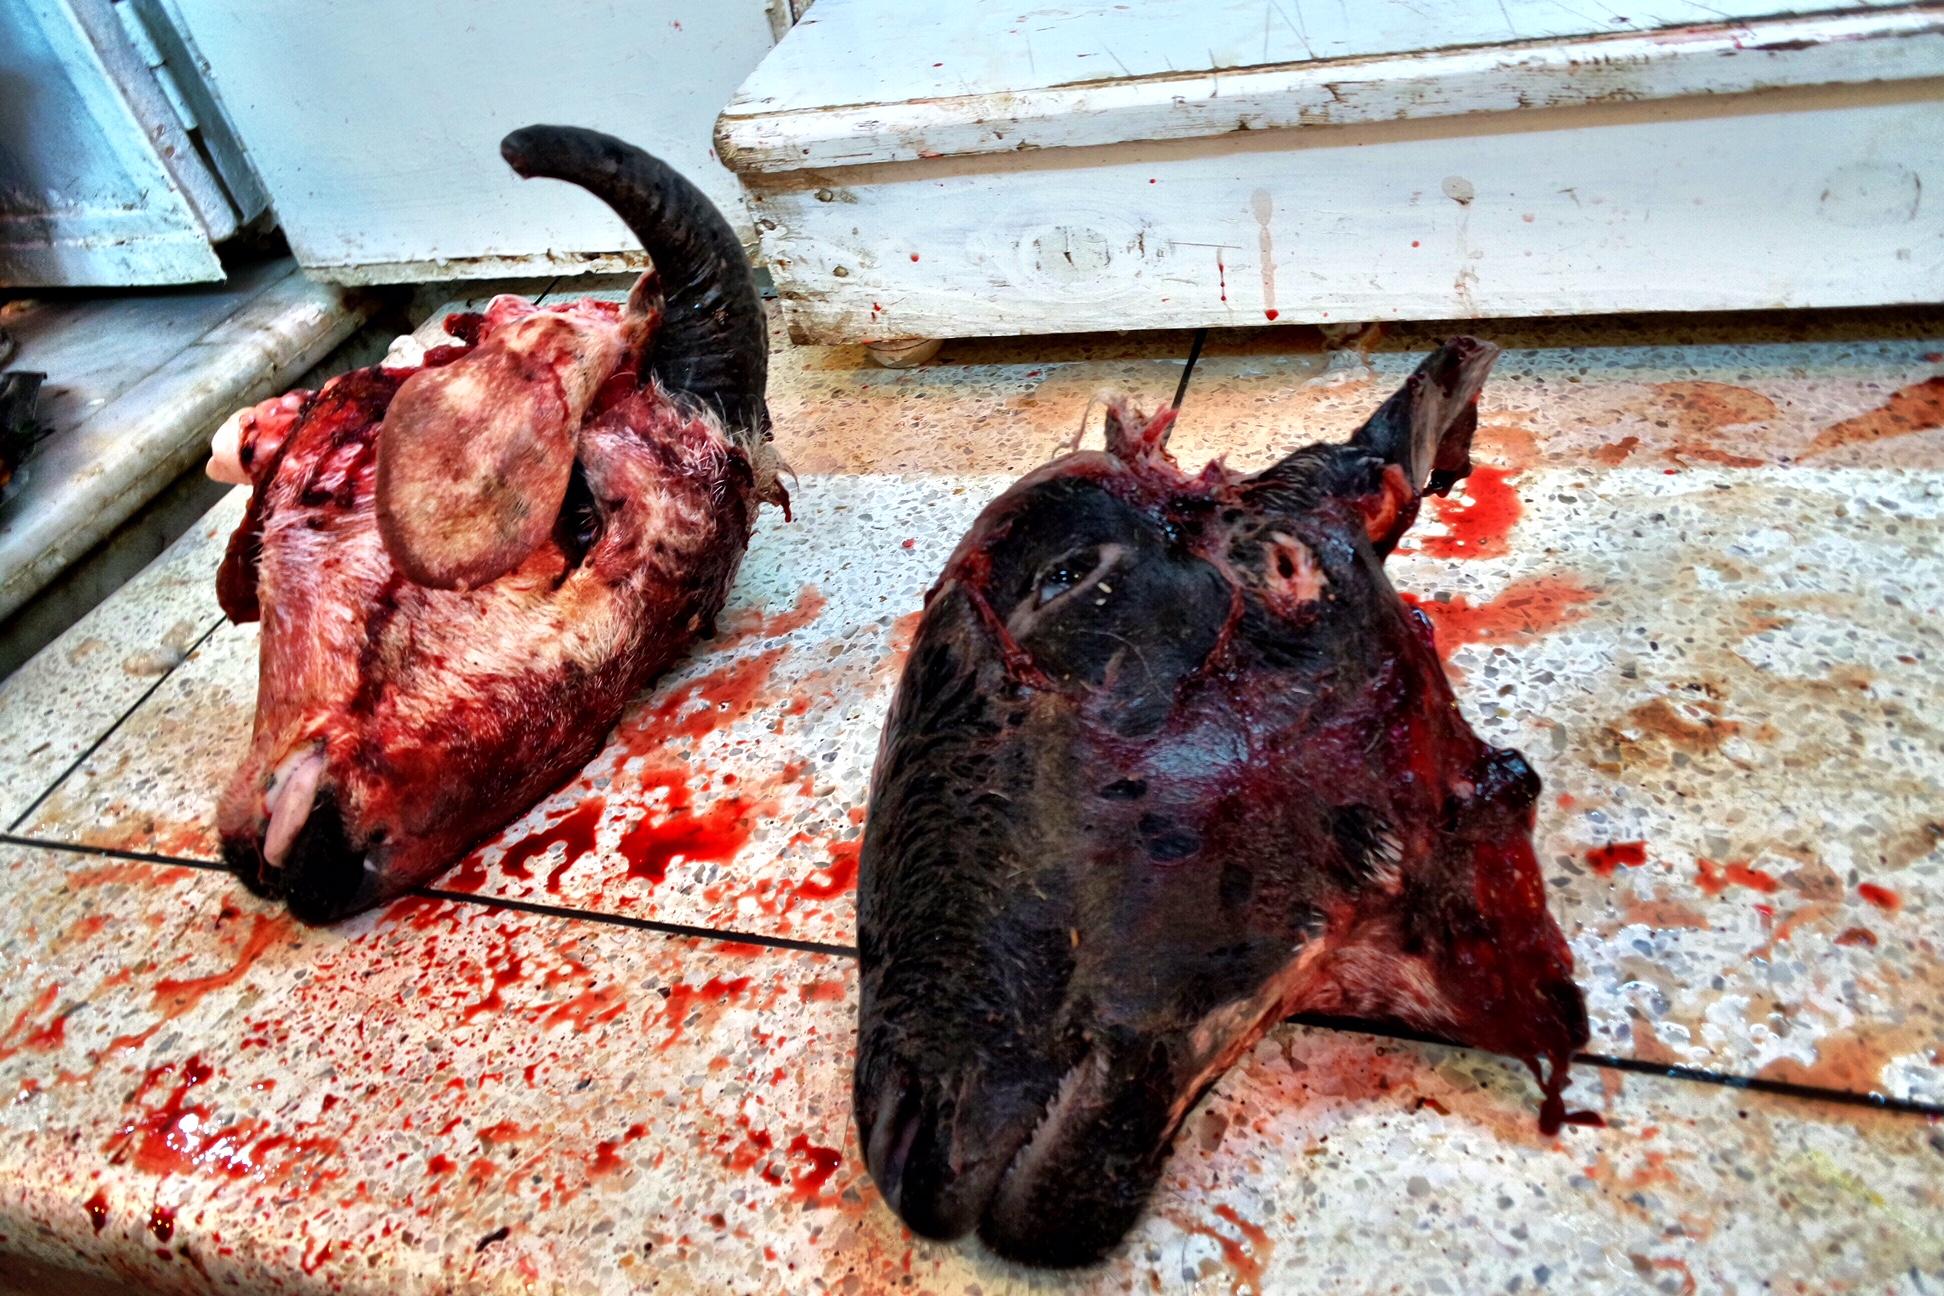 лучшие фотографии животных со скотобоен поэтому материал